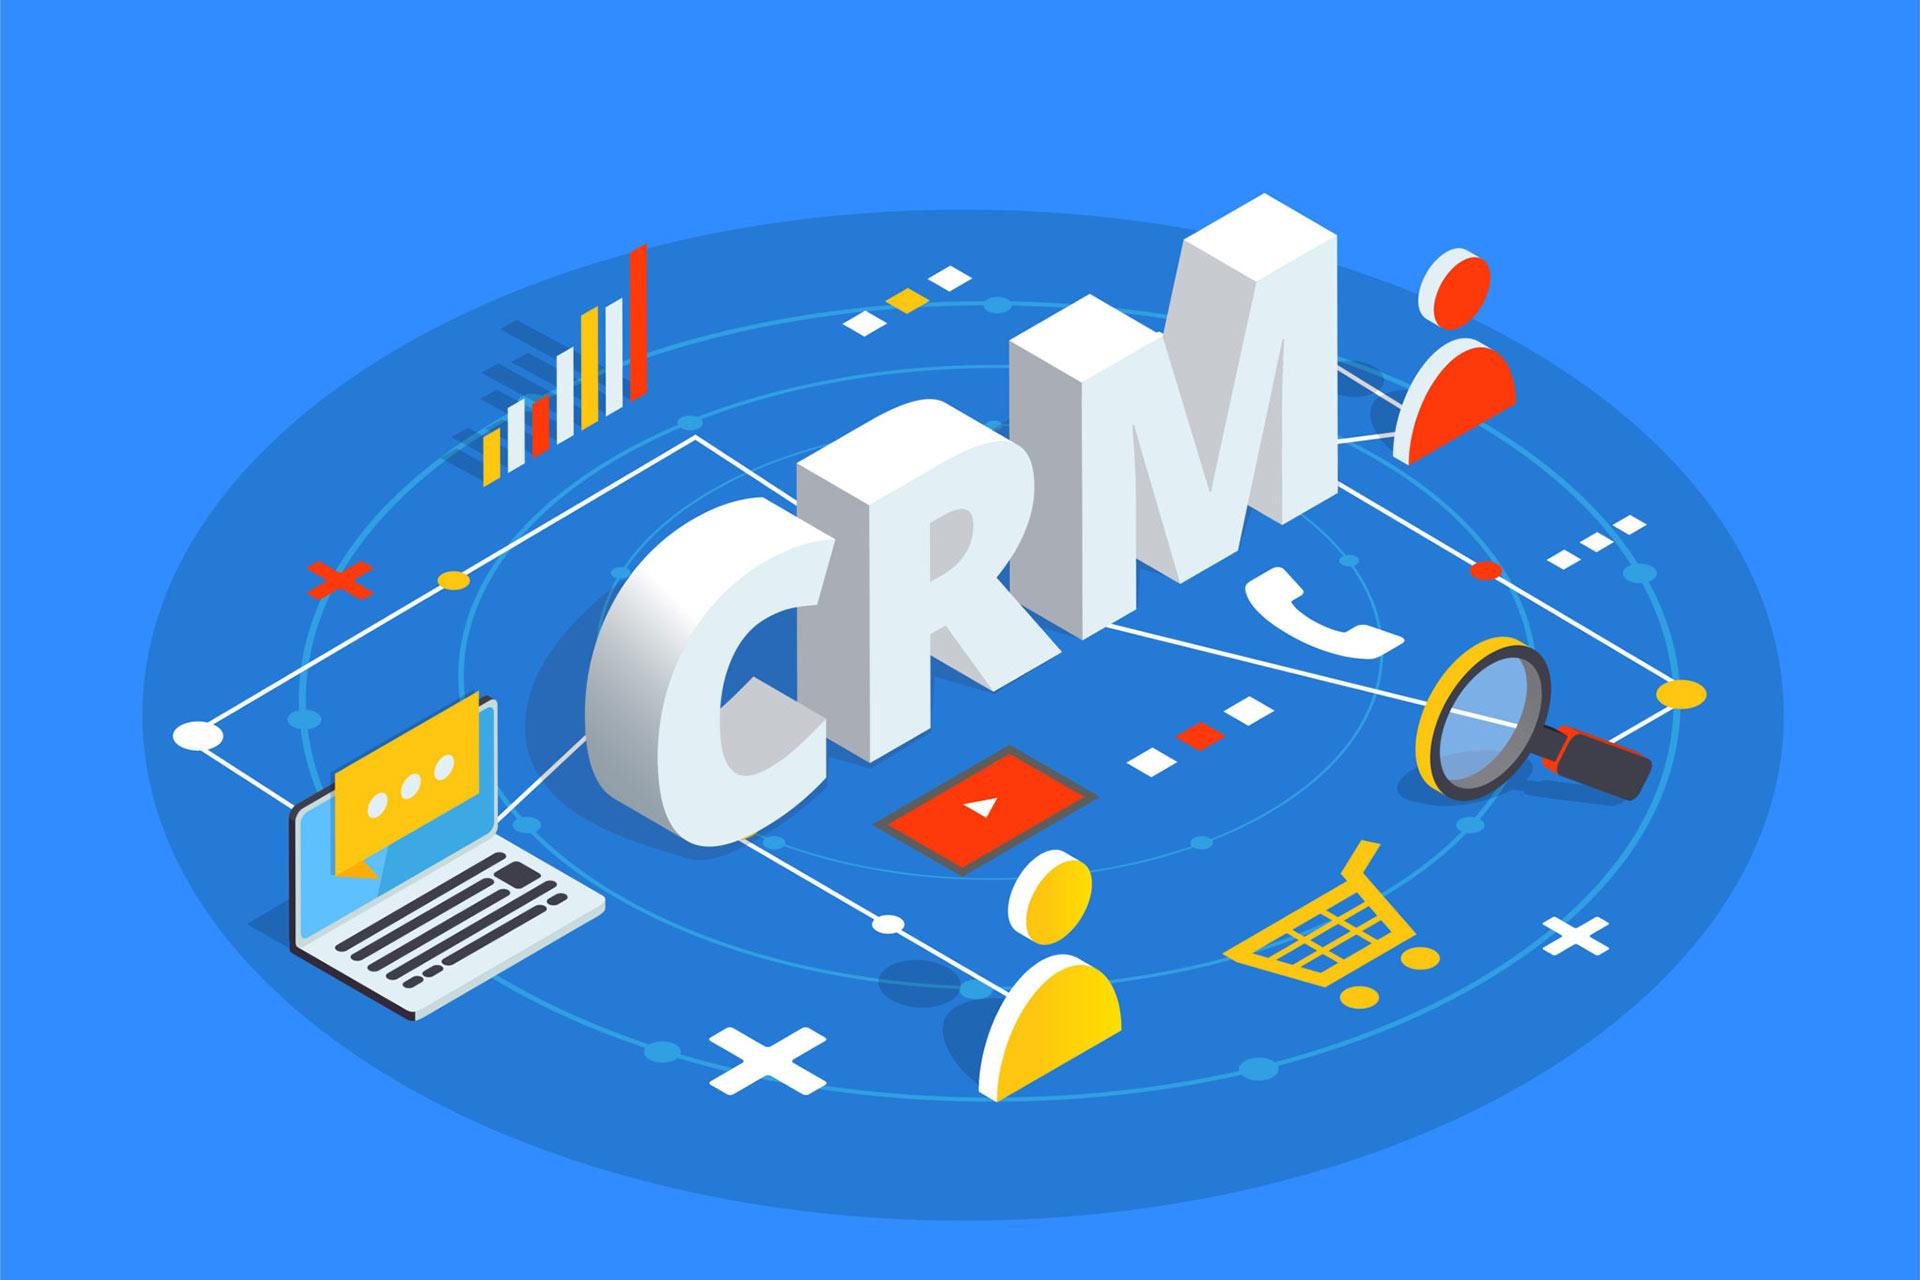 Бесплатный вебинар: Битрикс24 от А до Я. CRM, маркетинг, аналитика